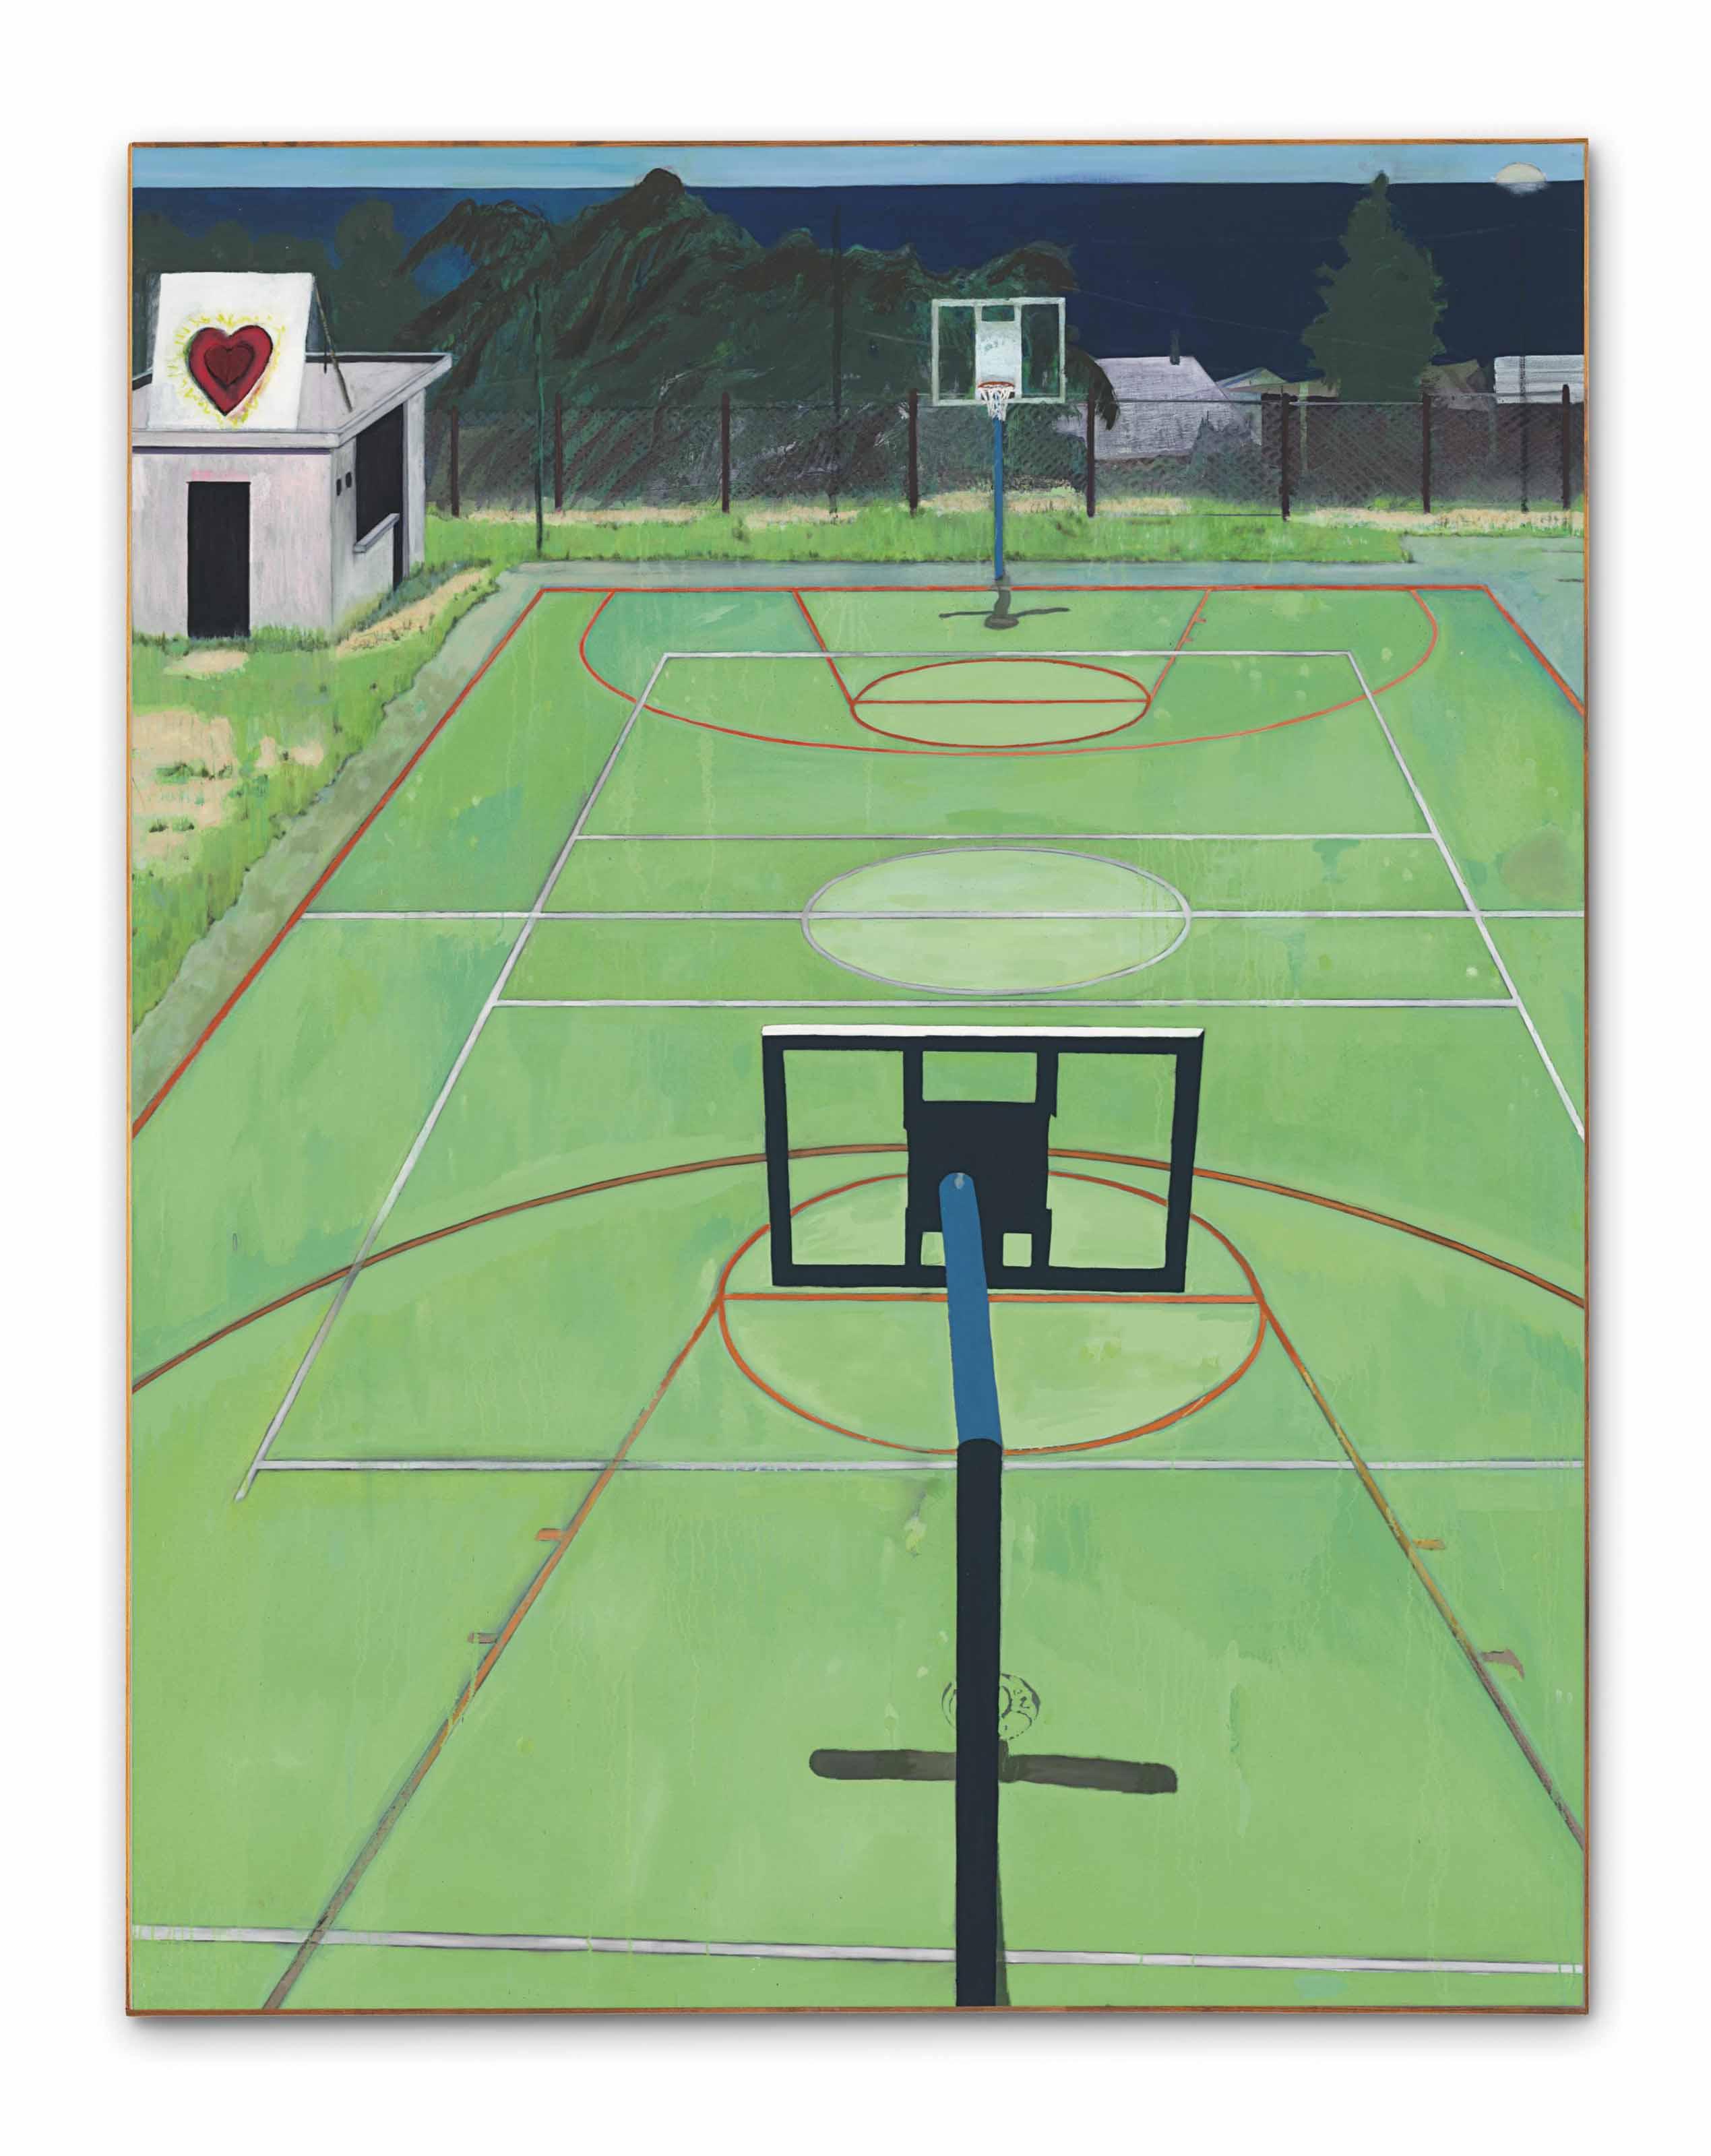 Sol Terrain De Basket peter doig (b. 1959) | the heart of old san juan | 1990s